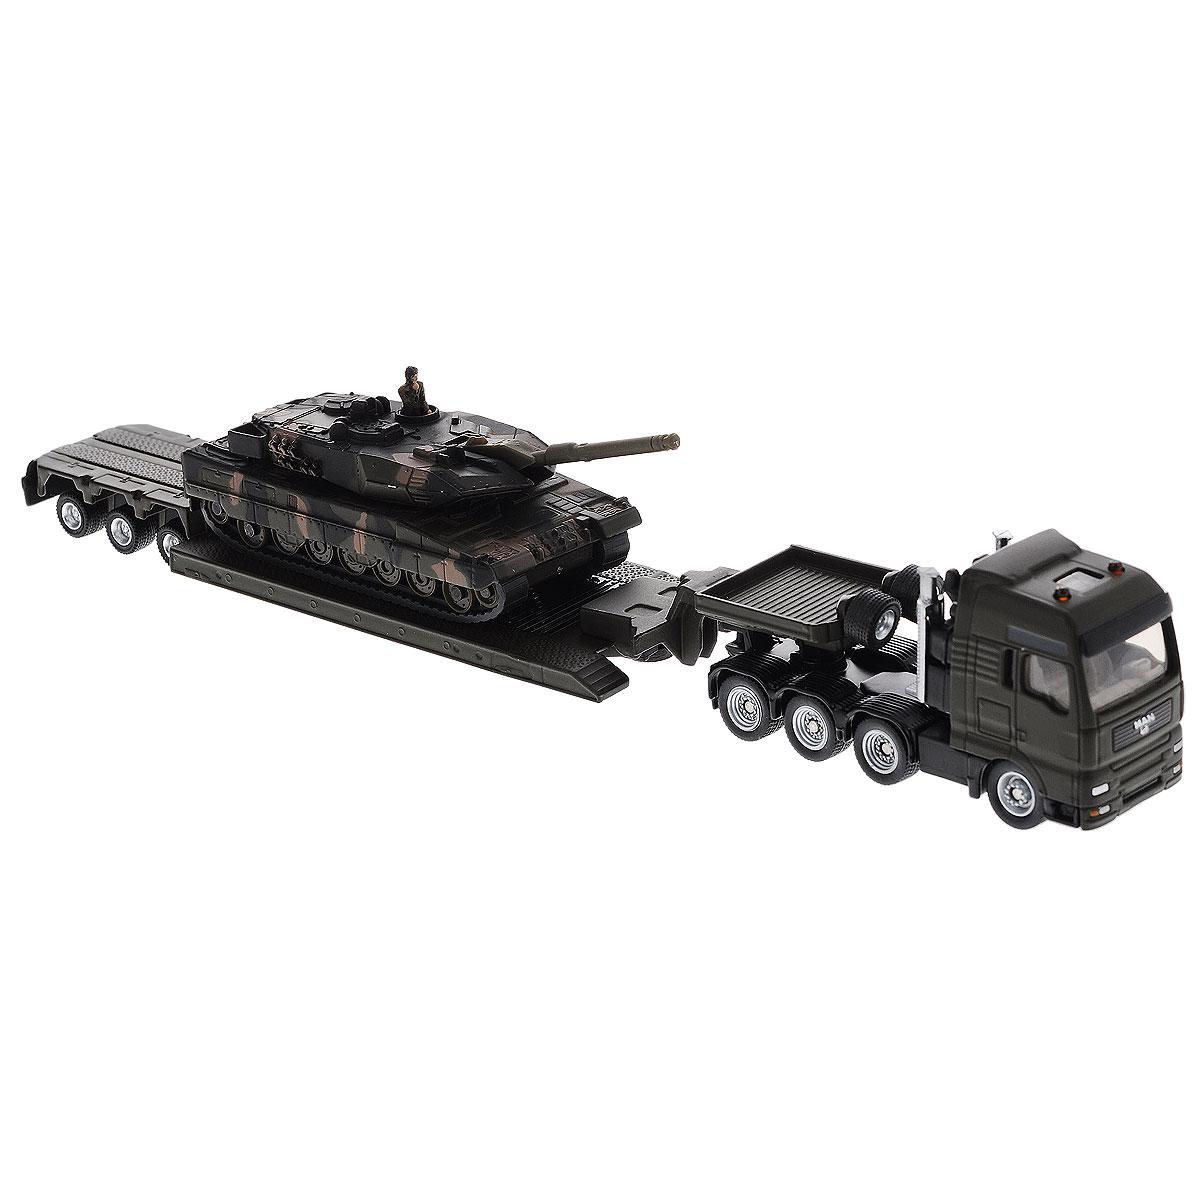 Siku Тягач MAN с танком на платформе1872Коллекционная модель Siku Тягач с танком выполнена в виде точной копии тягача с танком в масштабе 1/87. Такая модель понравится не только ребенку, но и взрослому коллекционеру и приятно удивит вас высочайшим качеством исполнения. Кабина, корпус тягача, платформа прицепа и танк выполнены из металла. Платформа прицепа прицепляется к тягачу с помощью дополнительного прицепа с седельным сцепным устройством. Колесики модели вращаются. Коллекционная модель отличается великолепным качеством исполнения и детальной проработкой, она станет не только интересной игрушкой для ребенка, интересующегося агротехникой, но и займет достойное место в коллекции.